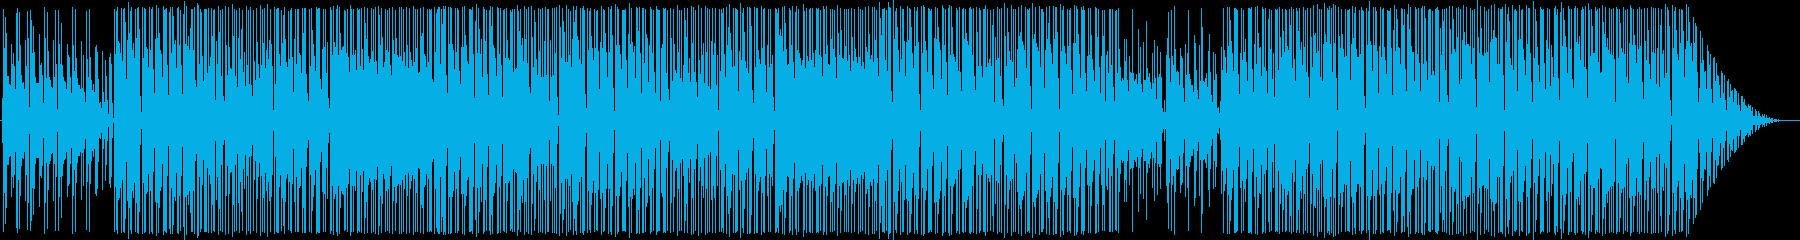 シンプルなフュージョン系インスト曲ですの再生済みの波形